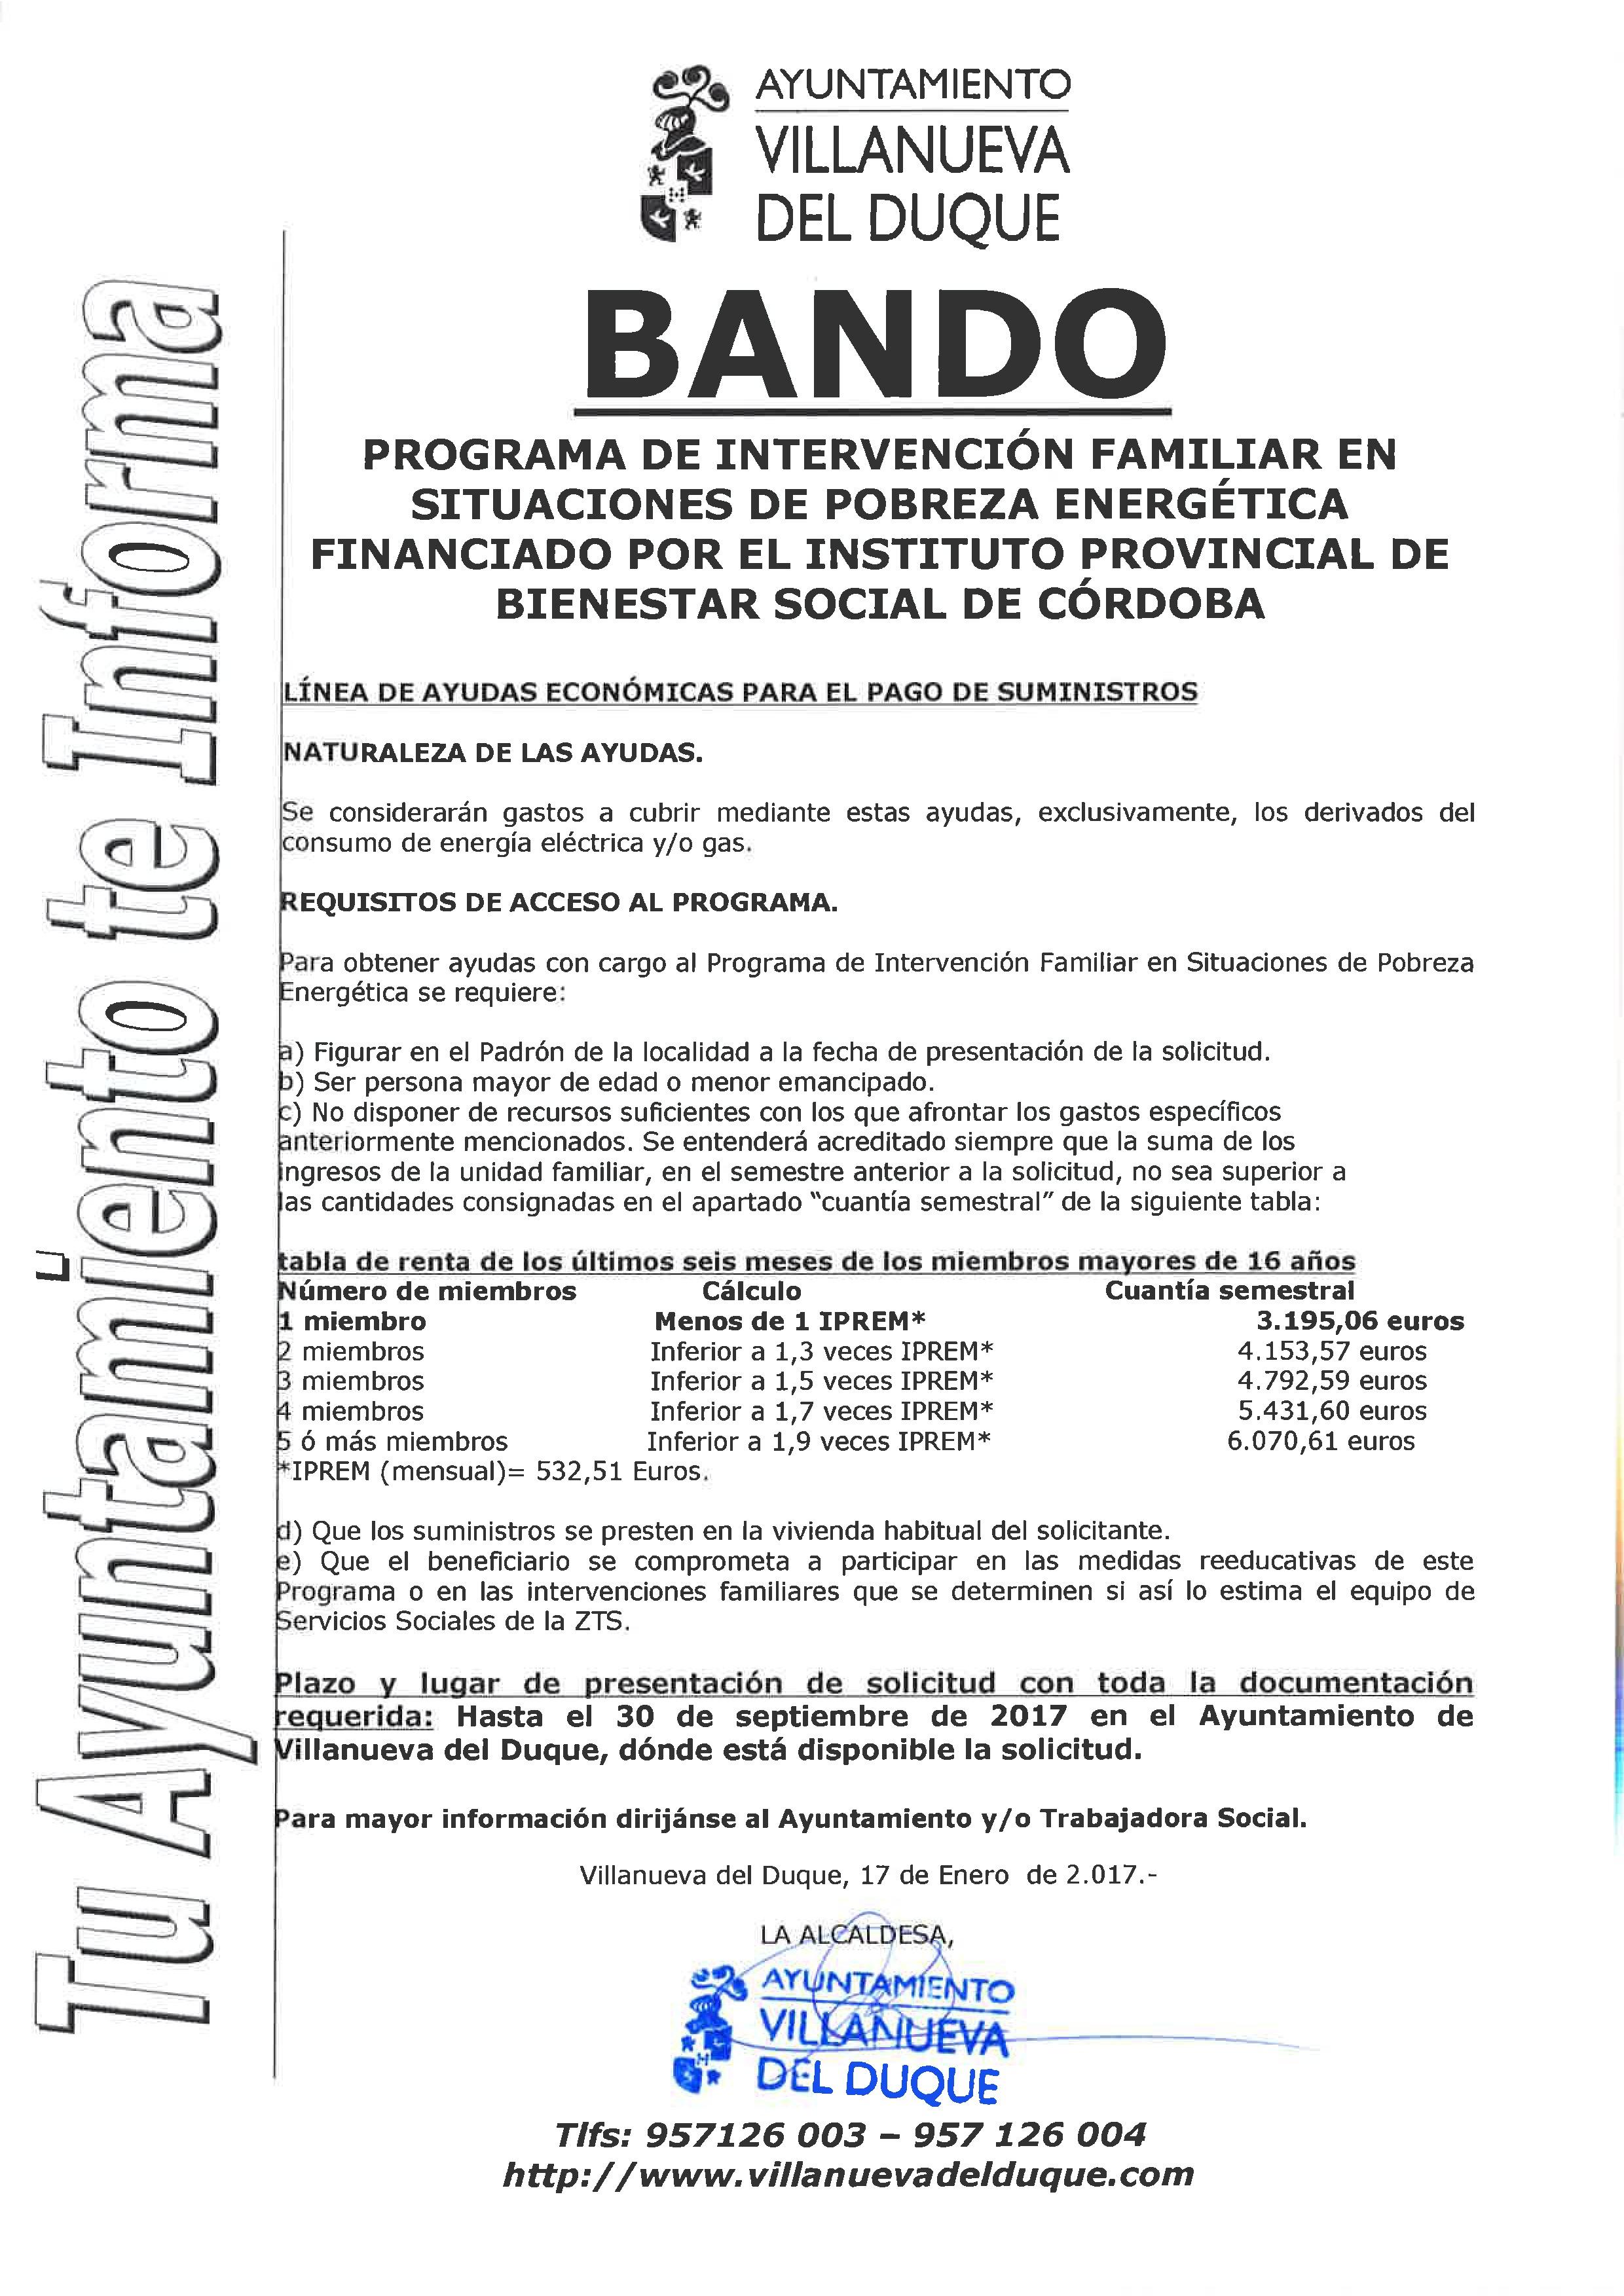 bando 2016-page-0